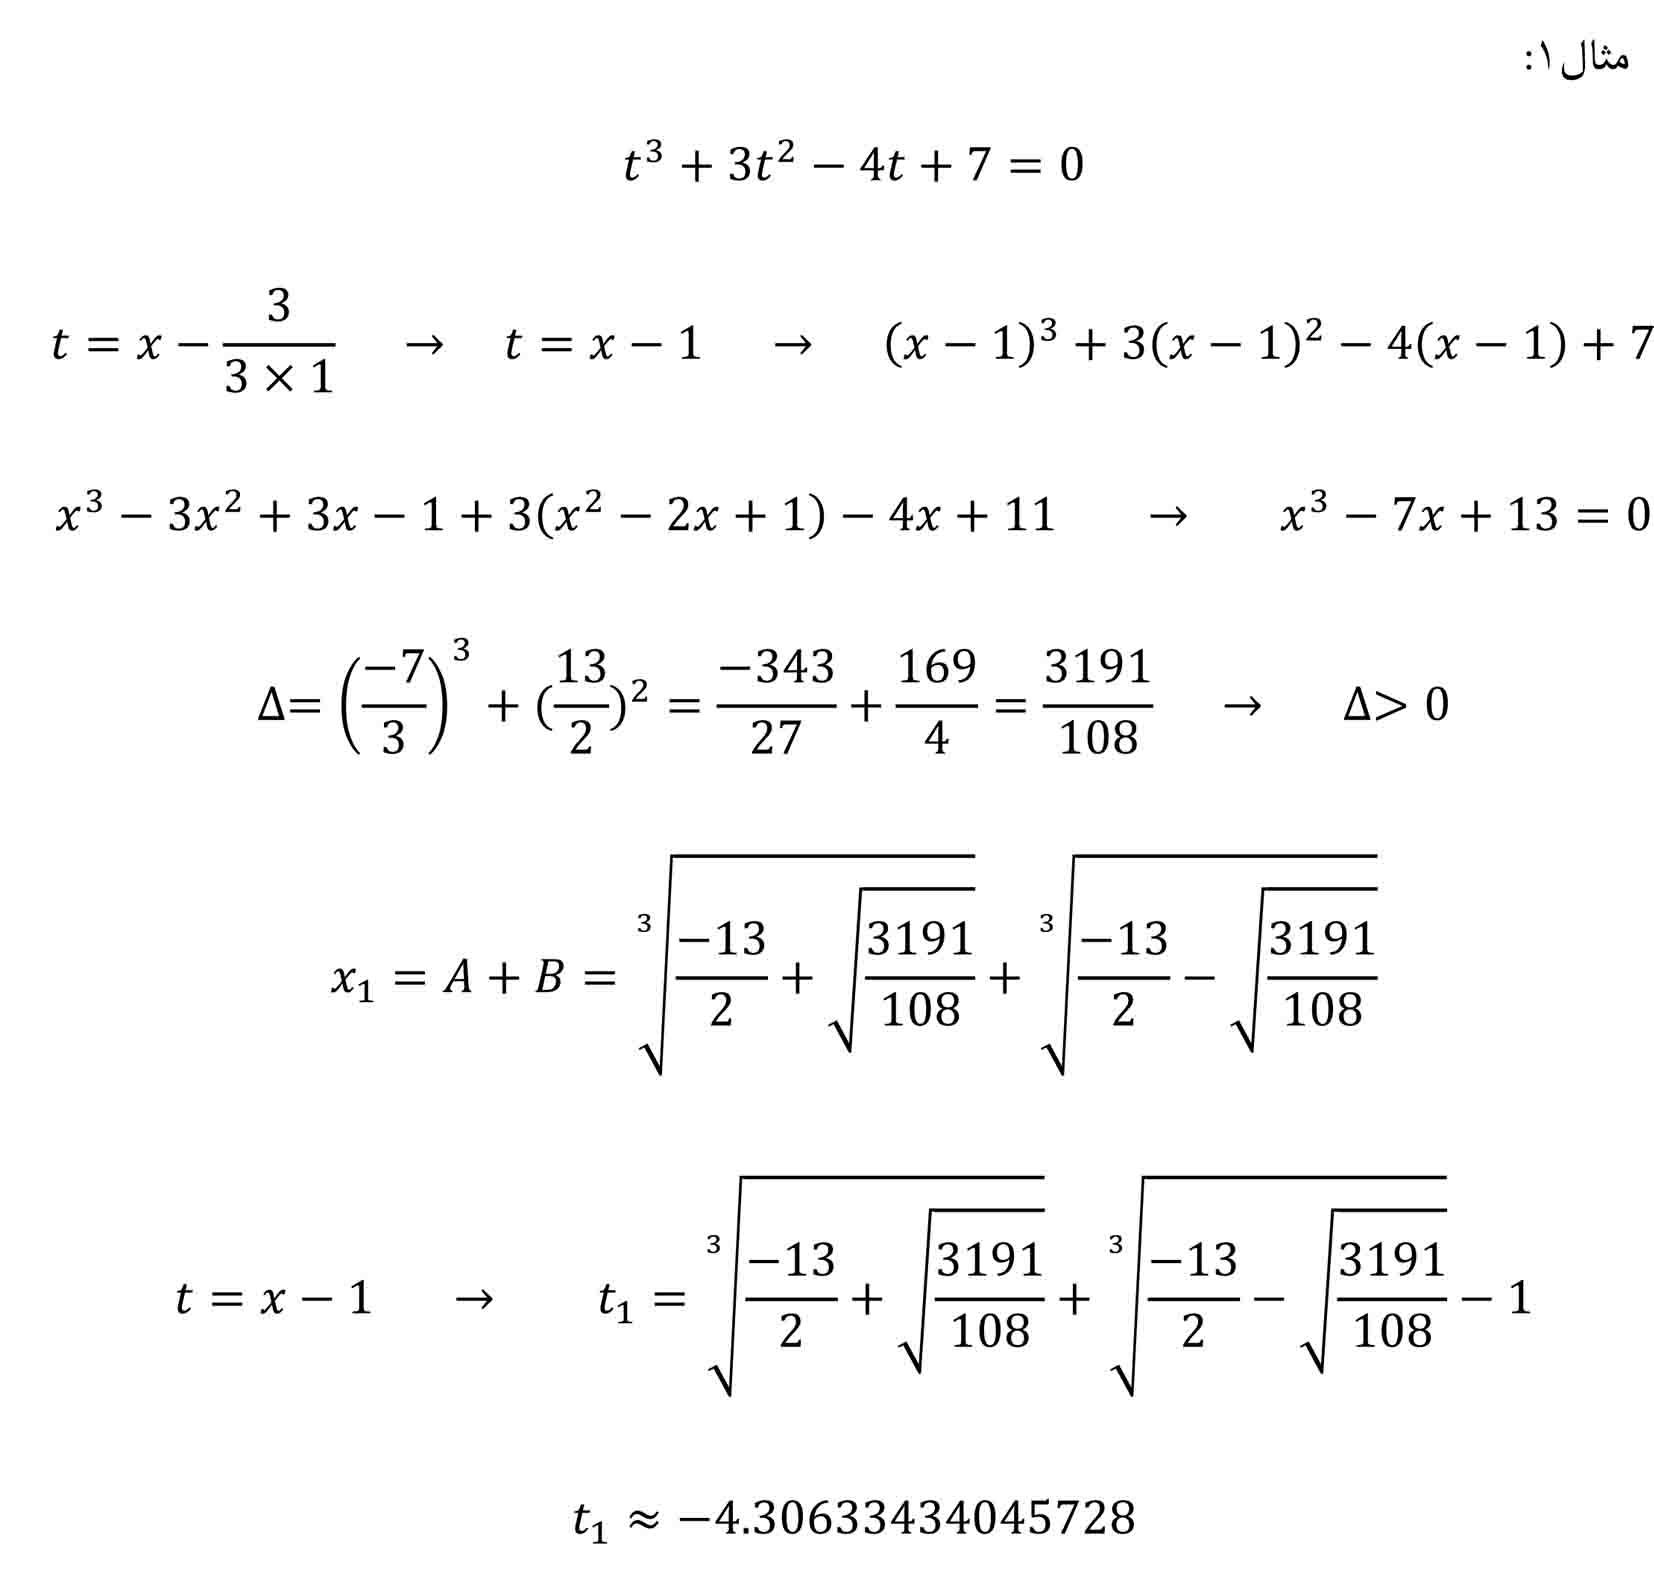 معادله ی درجه 3 حل نشده؟